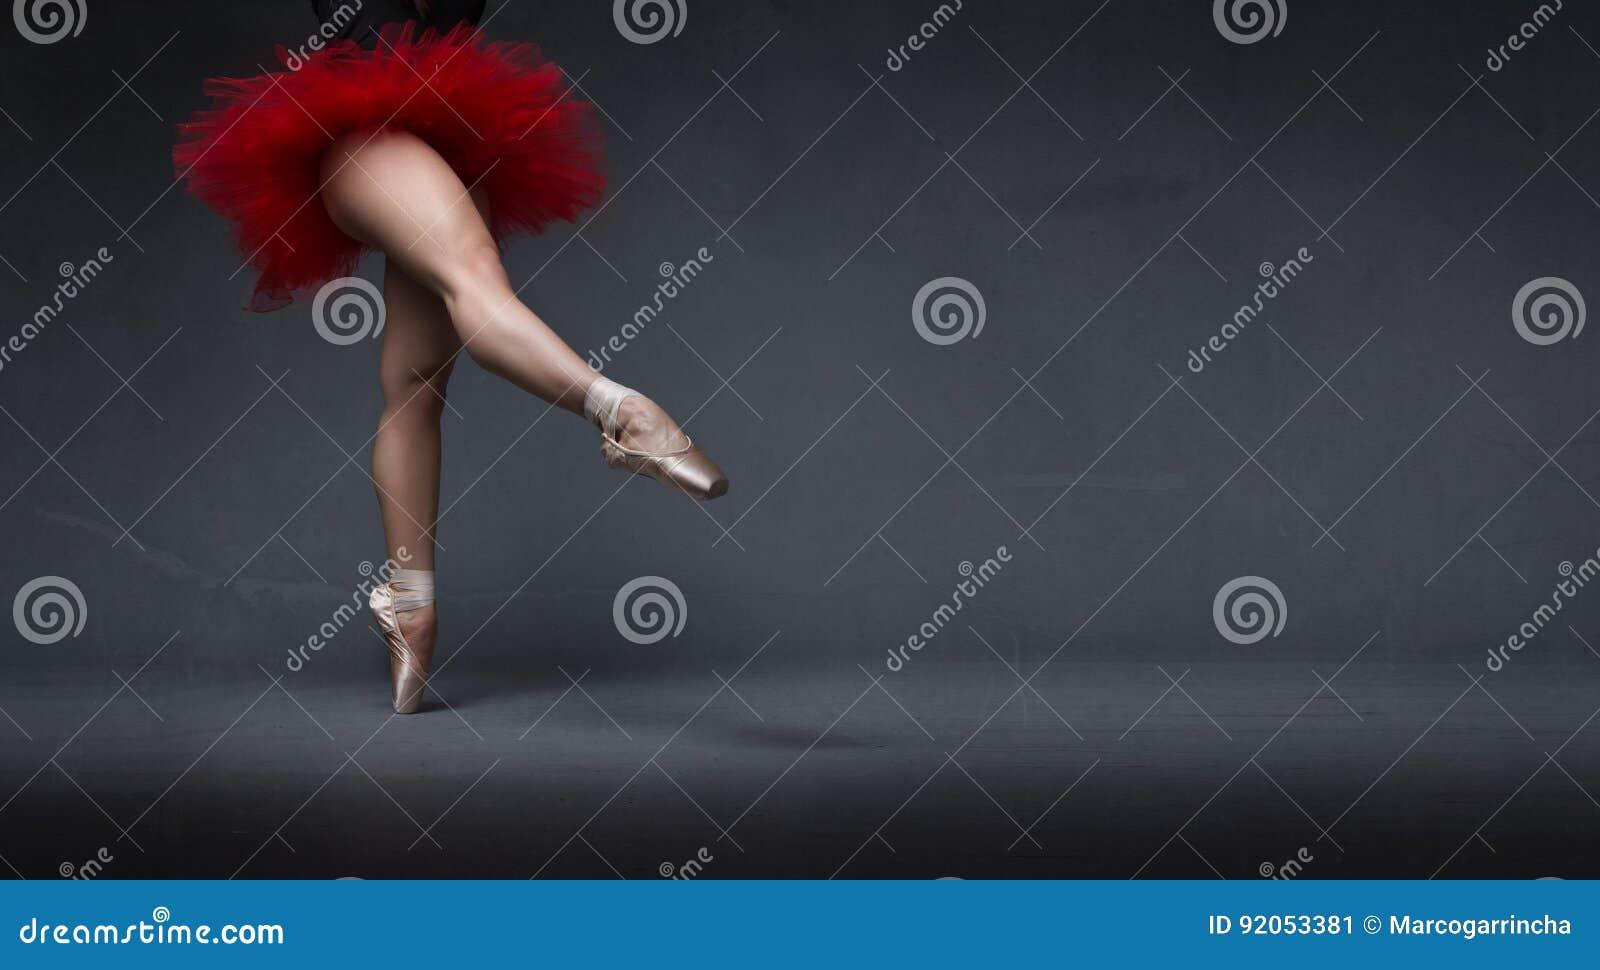 Ballerina met tutu met voet wordt vermeld die